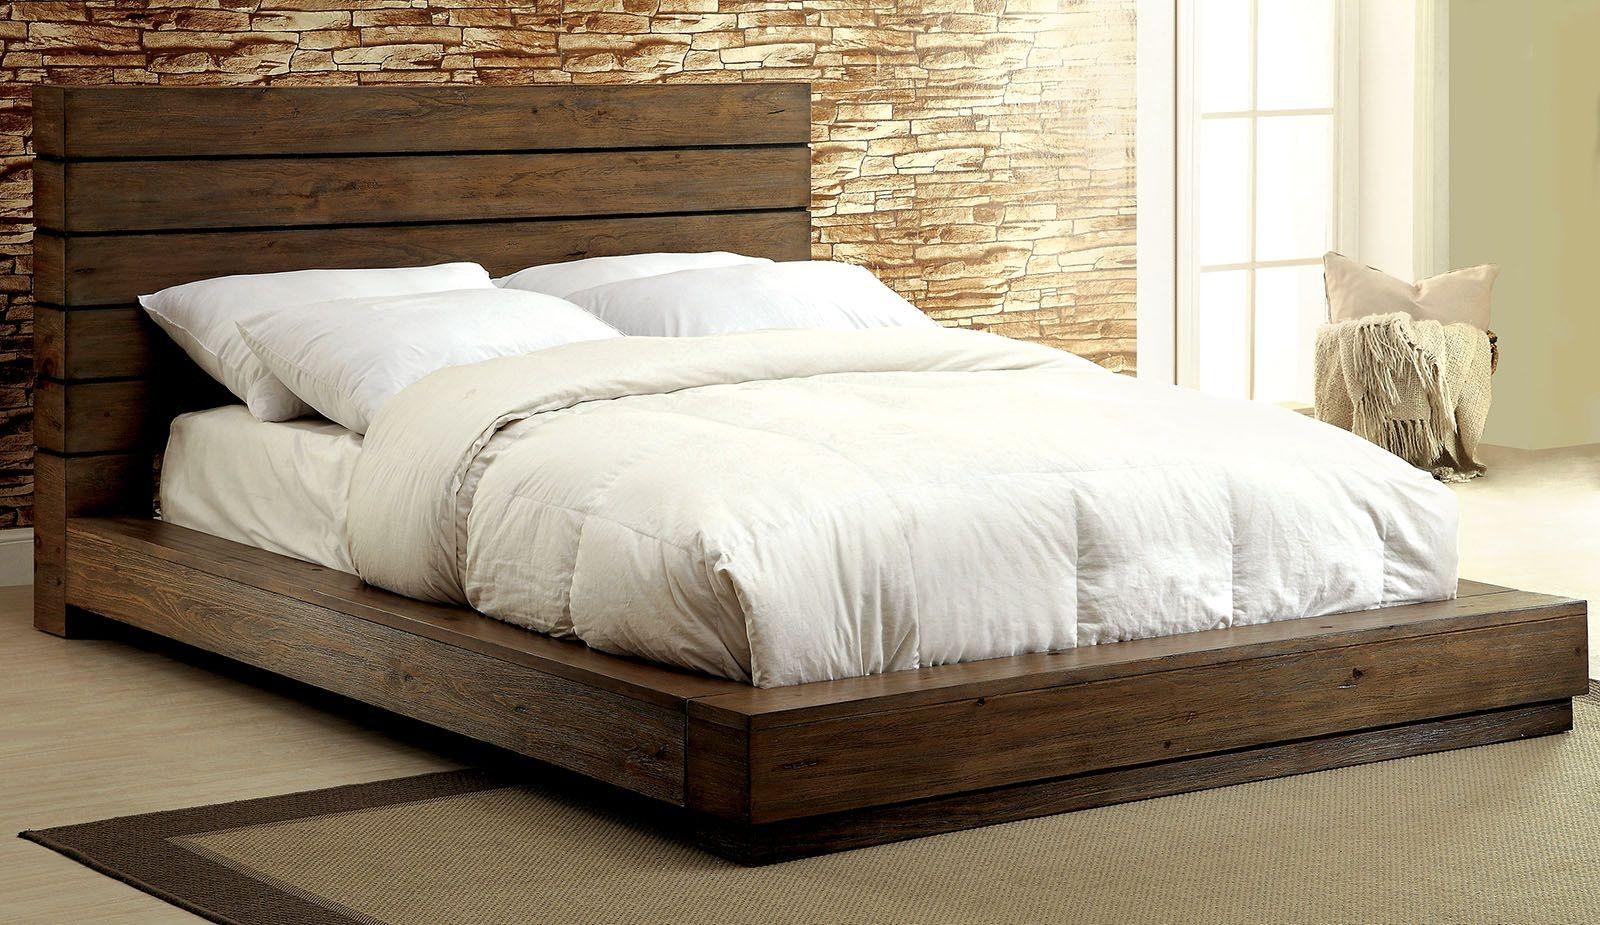 How To Make Cal King Platform Bed